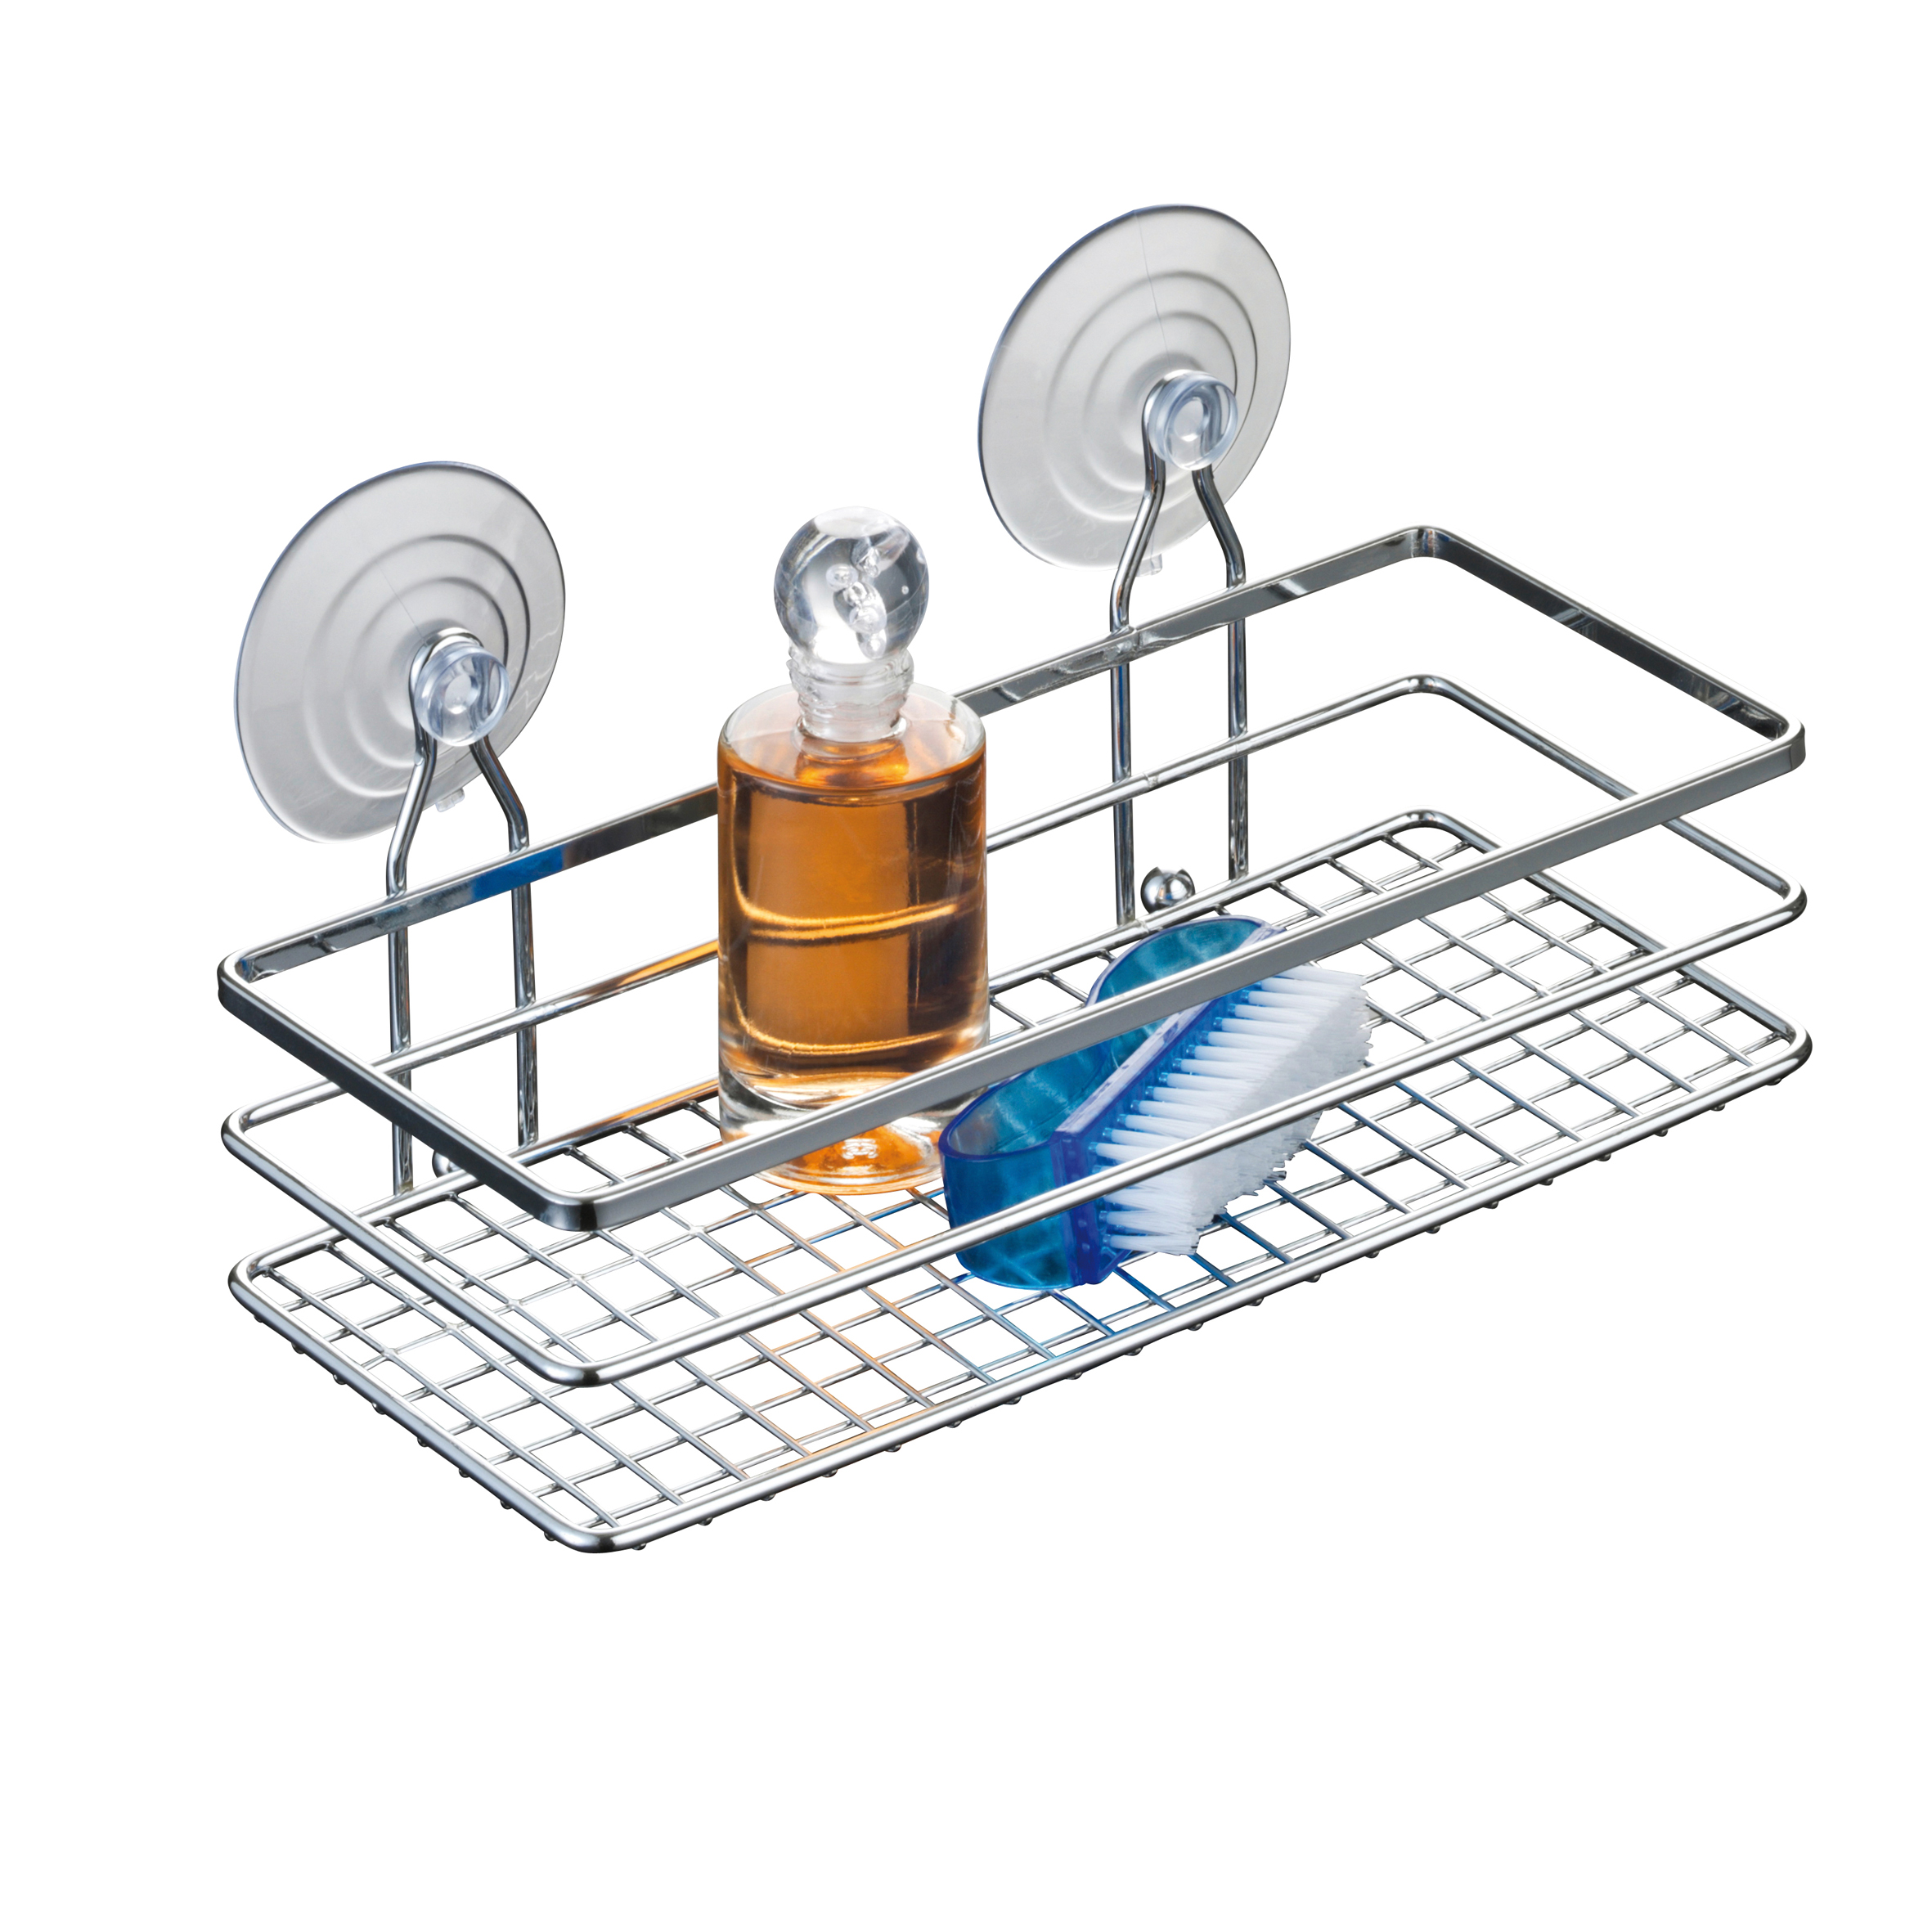 Полка для ванной Axentia Cassandra, настенная, одноярусная, 25 х 11 х 9,5 см531-105Одноярусная настенная полка для ванной Axentia Cassandra изготовлена из высококачественной хромированной стали, устойчивой к коррозии в условиях высокой влажности в ванной комнате. Изделие крепится к стене на шурупах или присосках (входят в комплект). Классический дизайн и оптимальная вместимость подойдет для любого интерьера ванной комнаты.